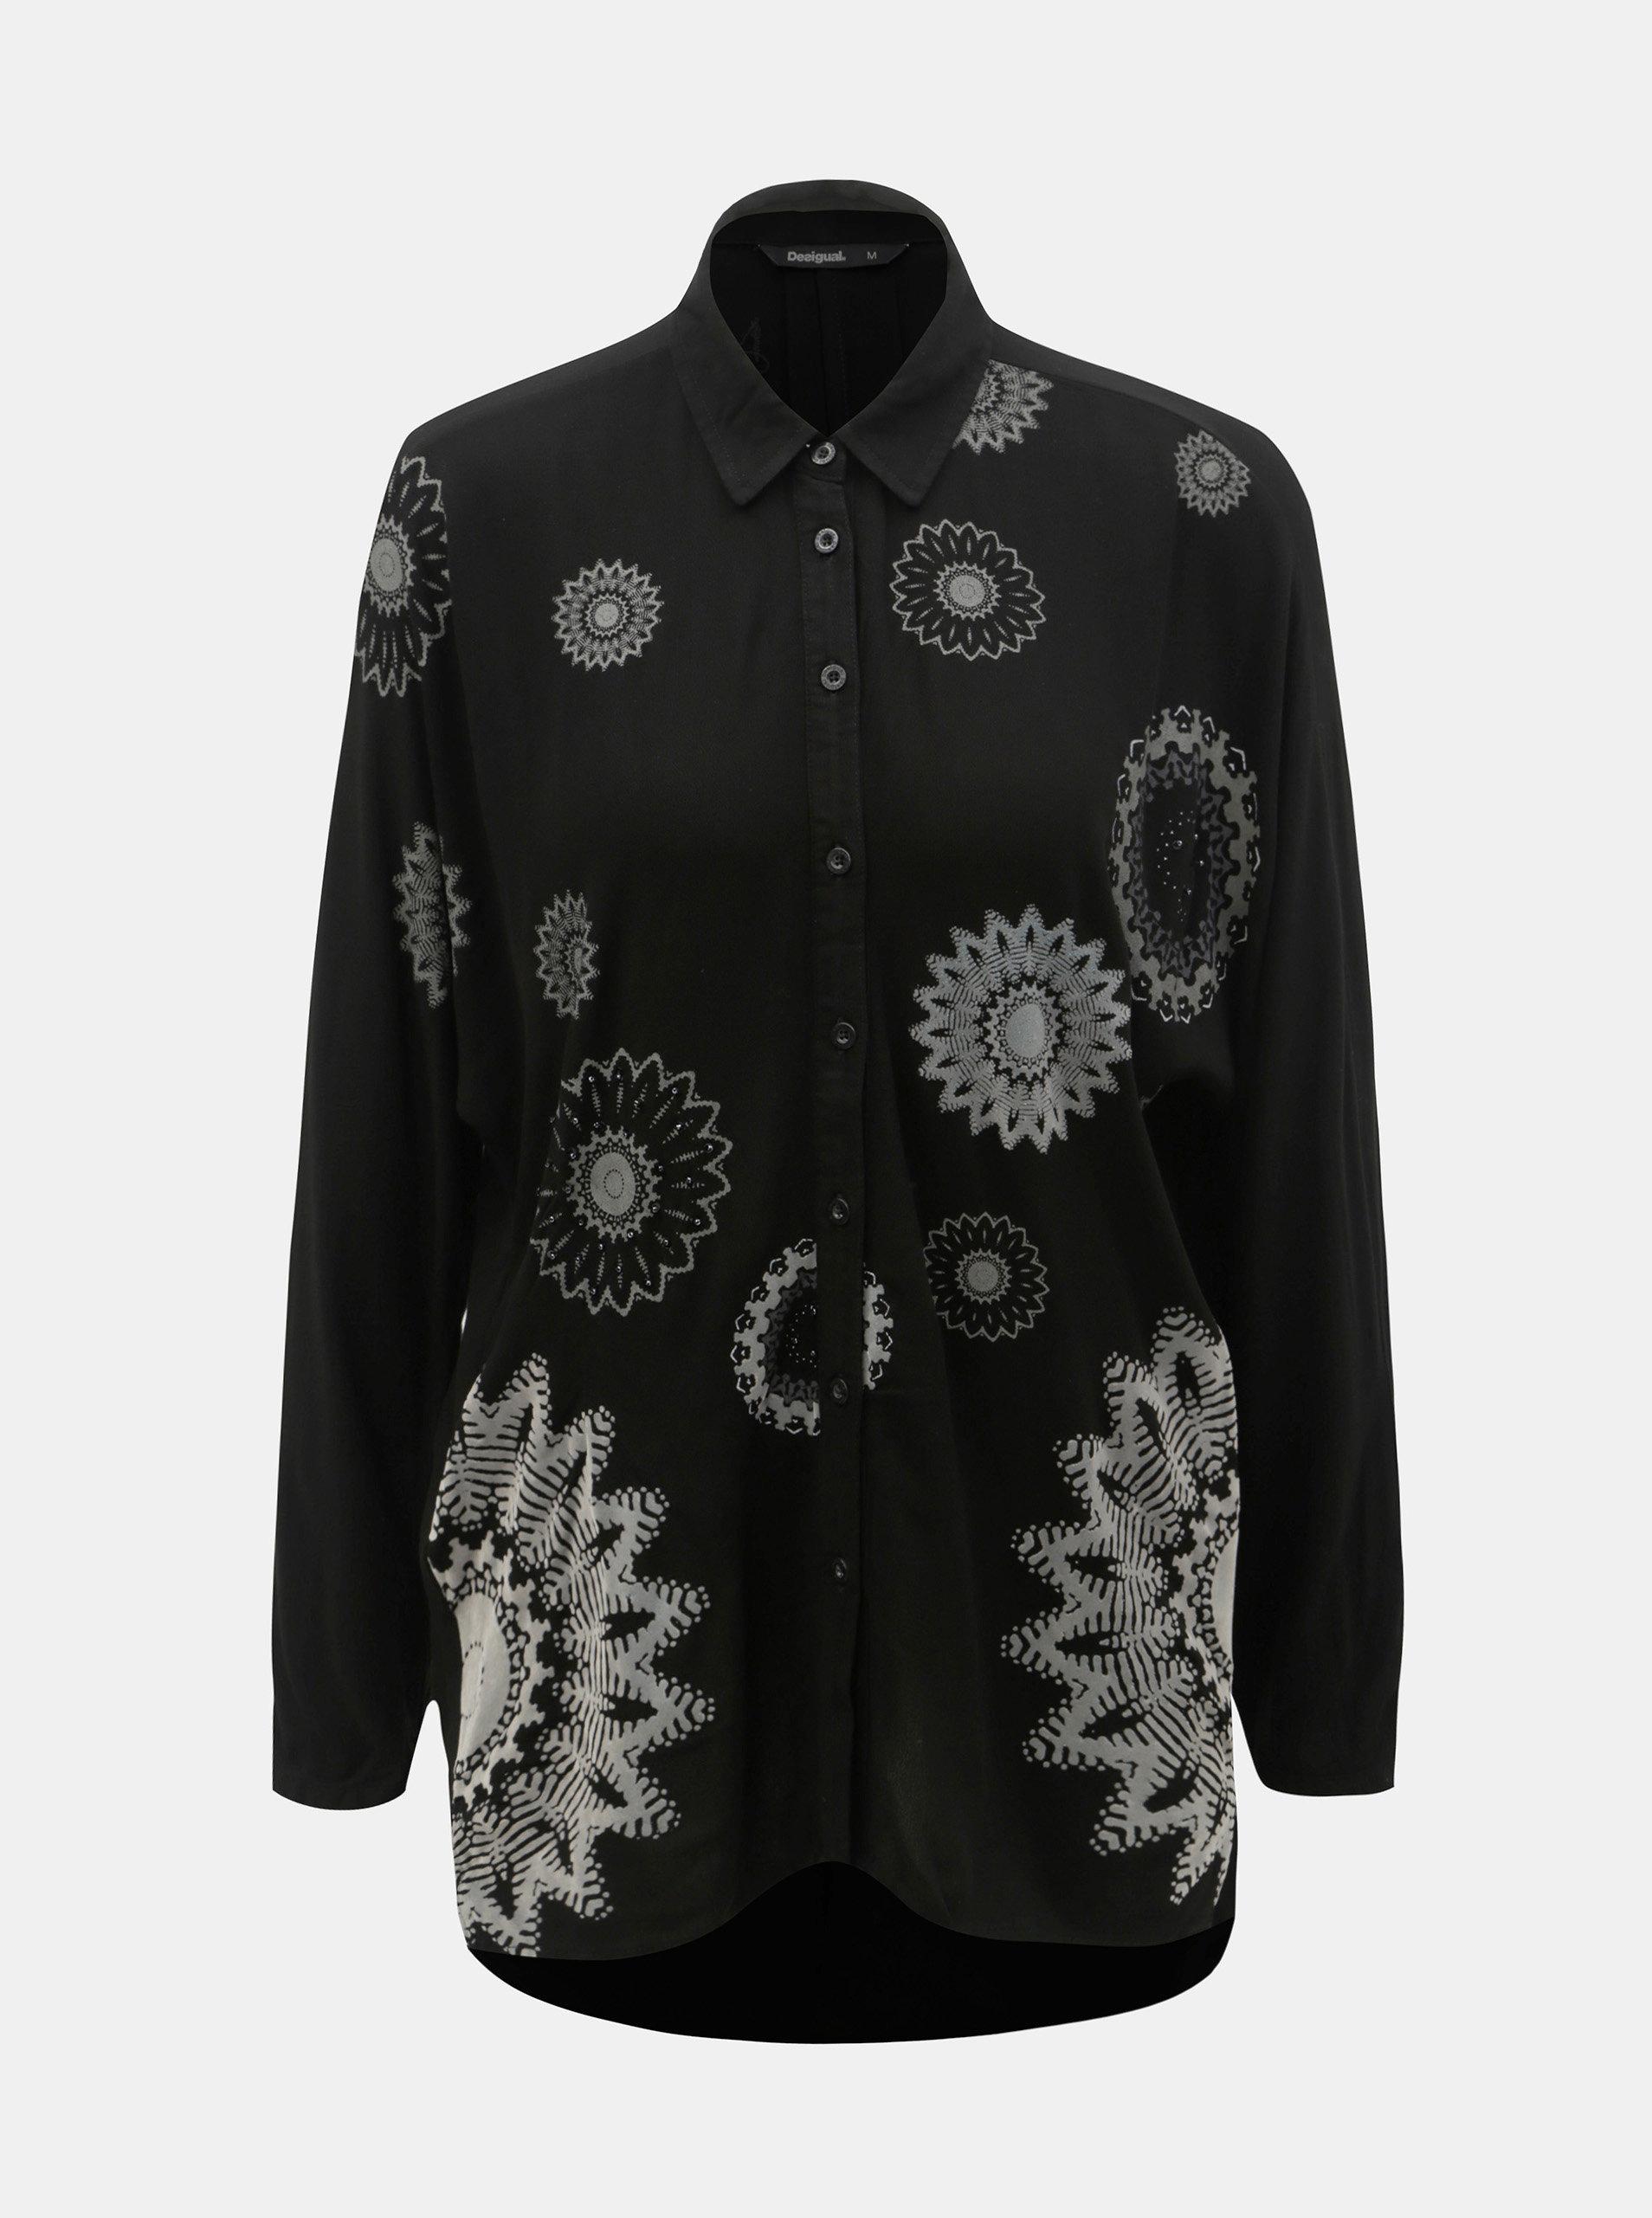 Čierna voľná vzorovaná košeľa s predĺženou zadnou časťou Desigual Paula ... 05e59b7568b